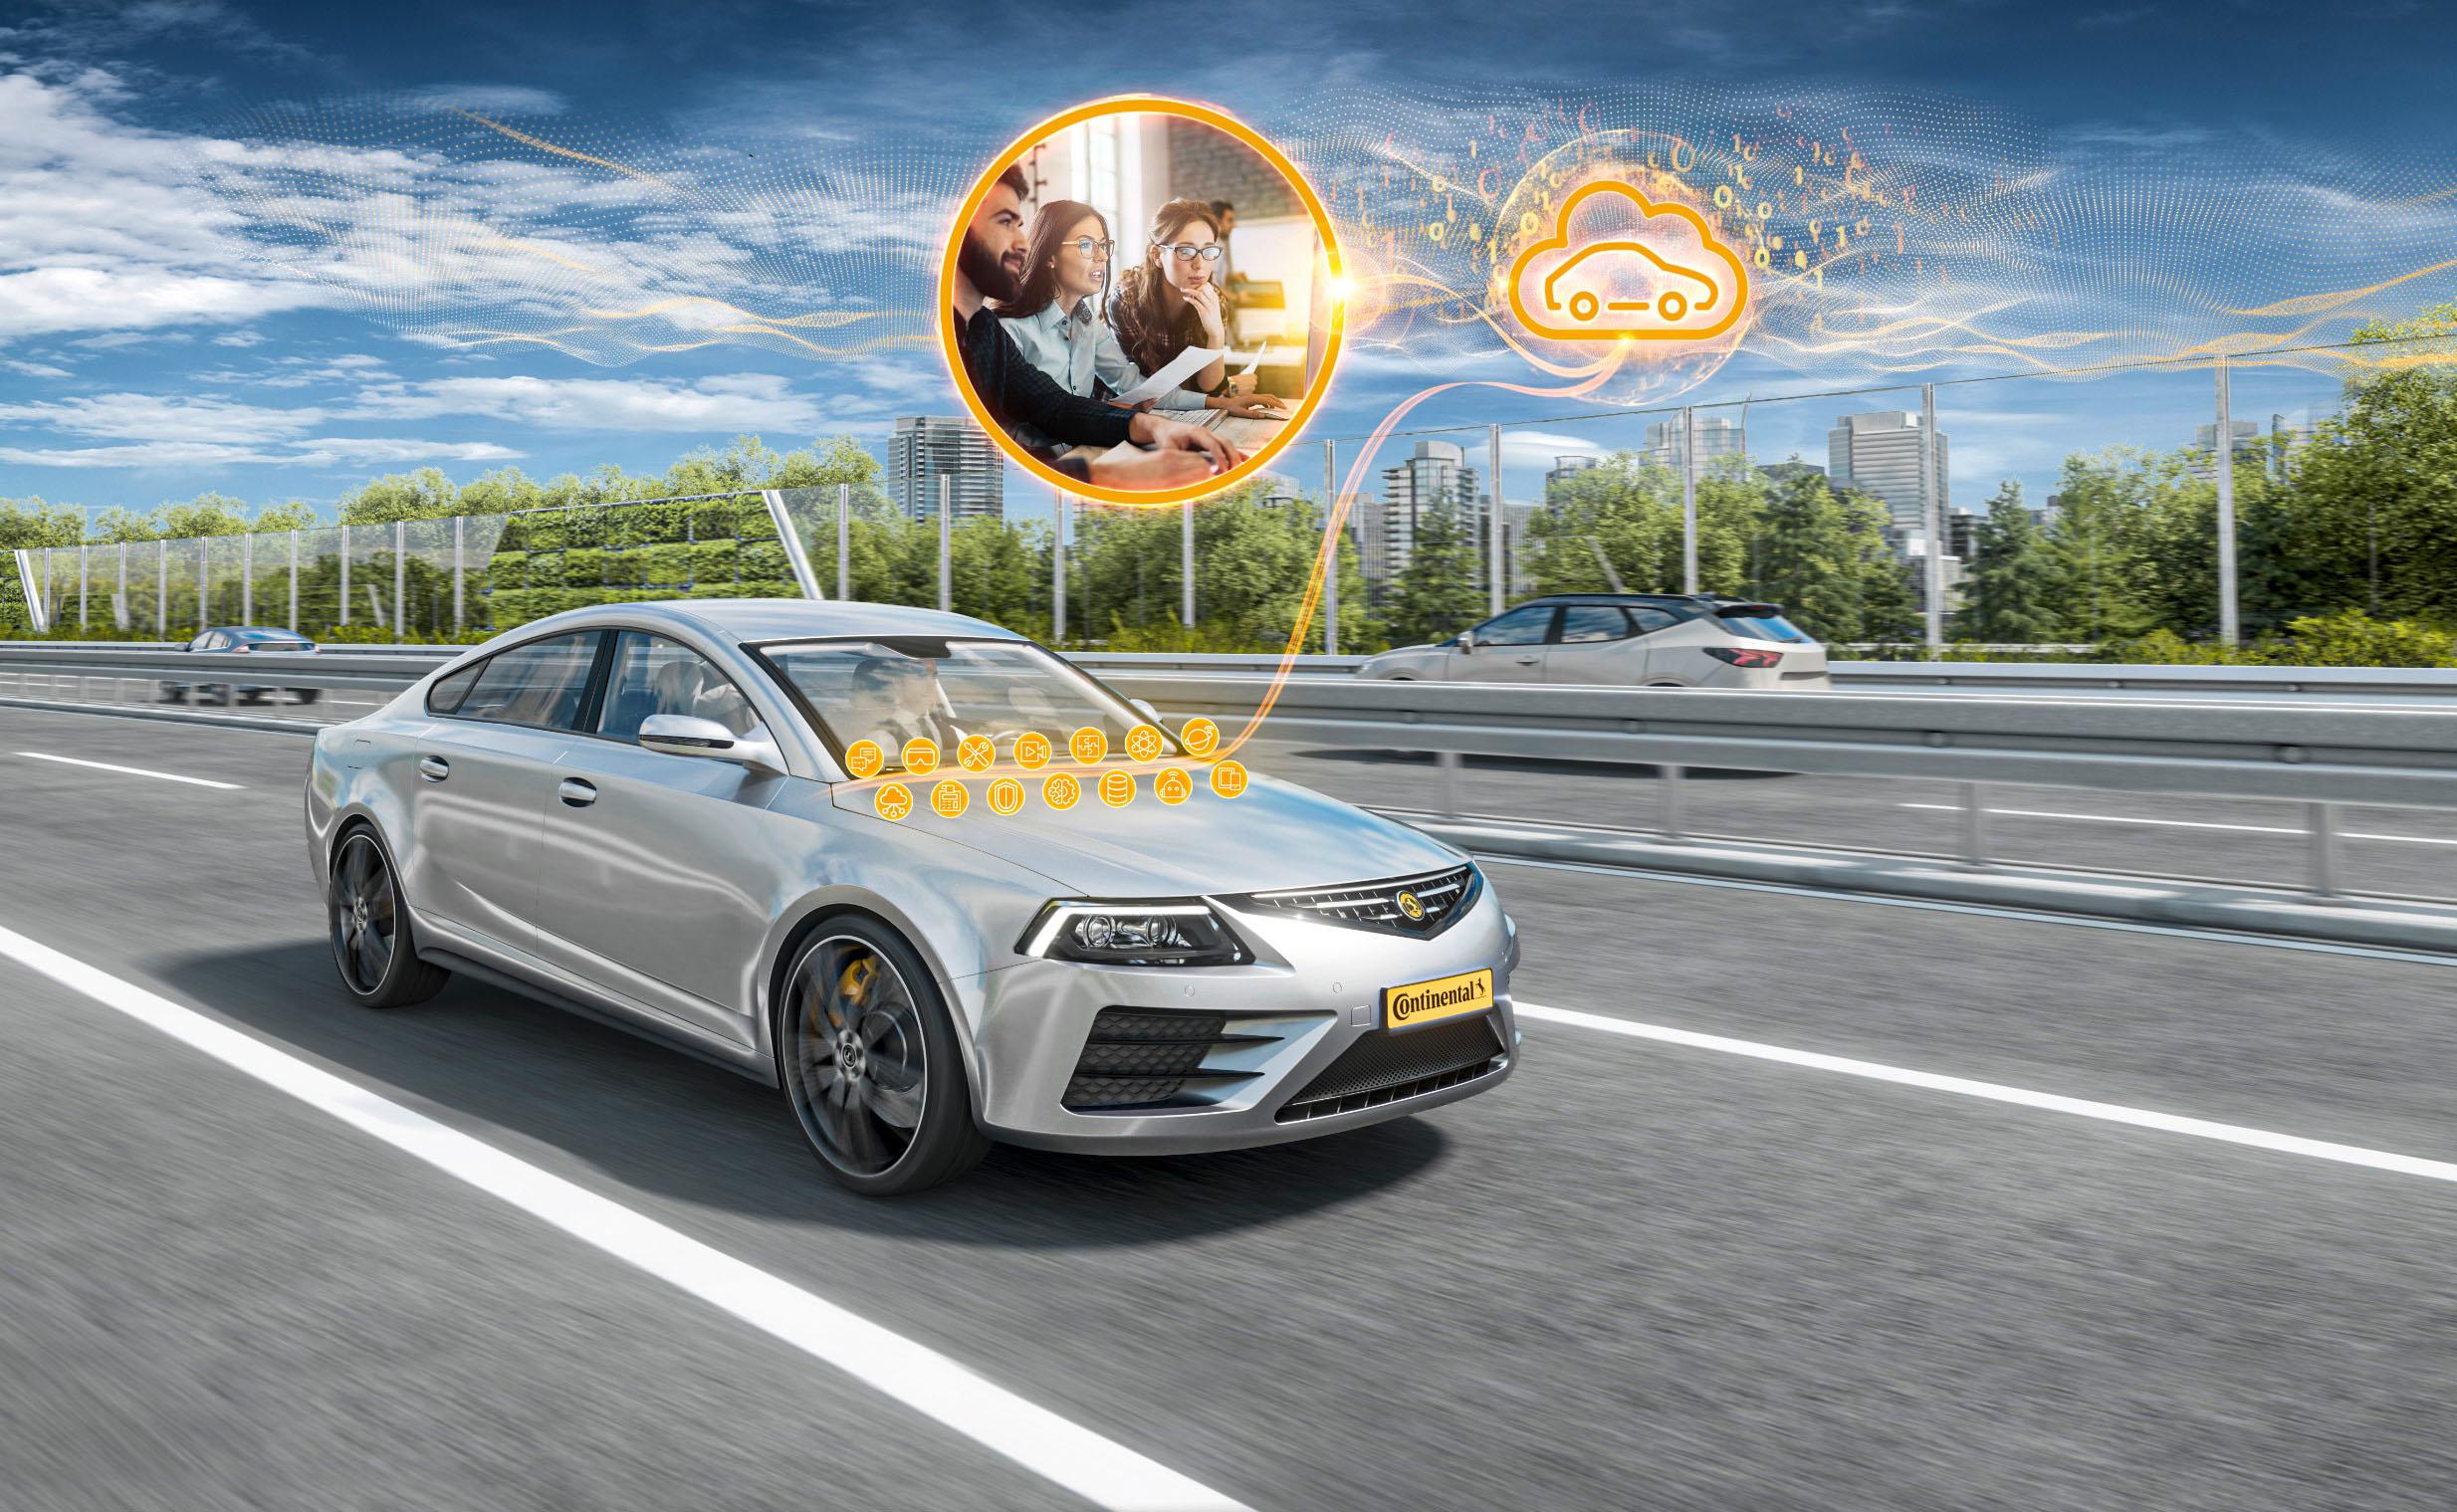 02 德國馬牌汽車邊緣平台(Continental Automotive Edge Platform)可以實現靈活的軟體升級.jpg